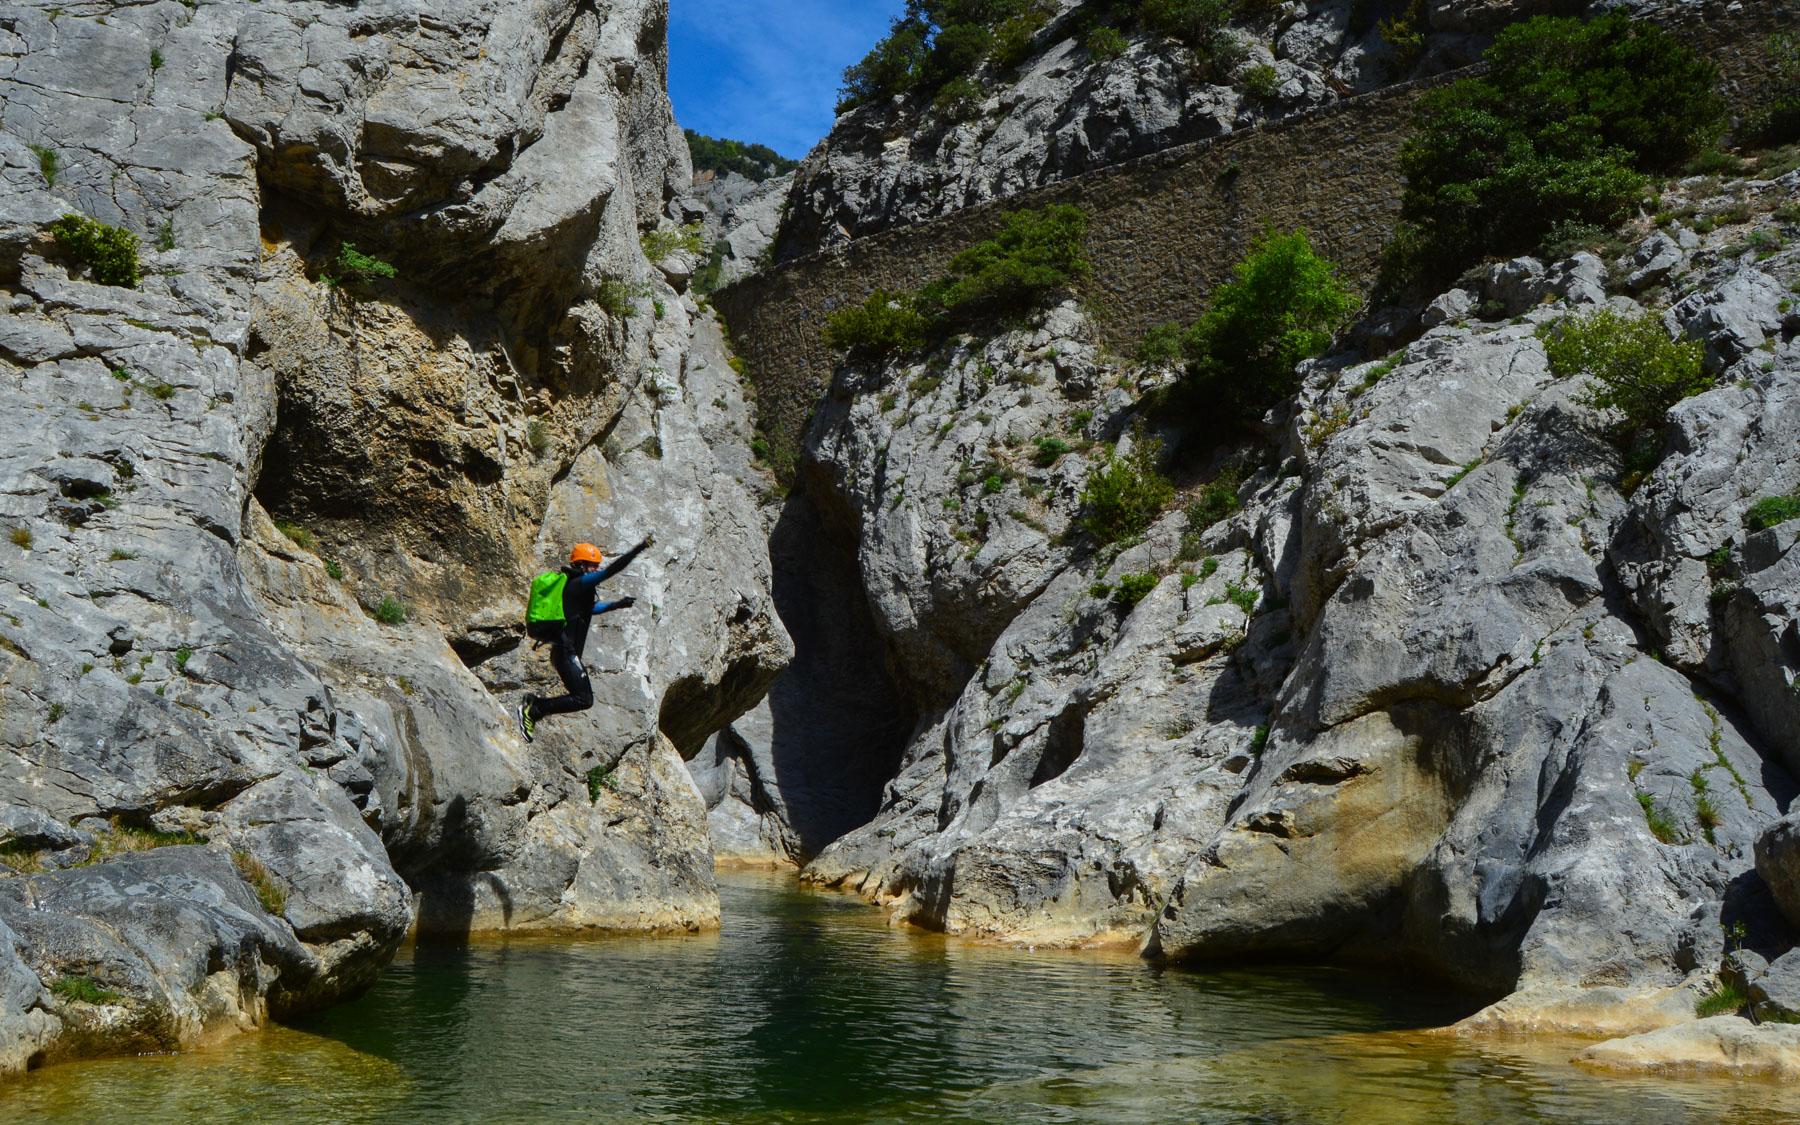 Gorges de Galamus, Pyrénées Orientales 7